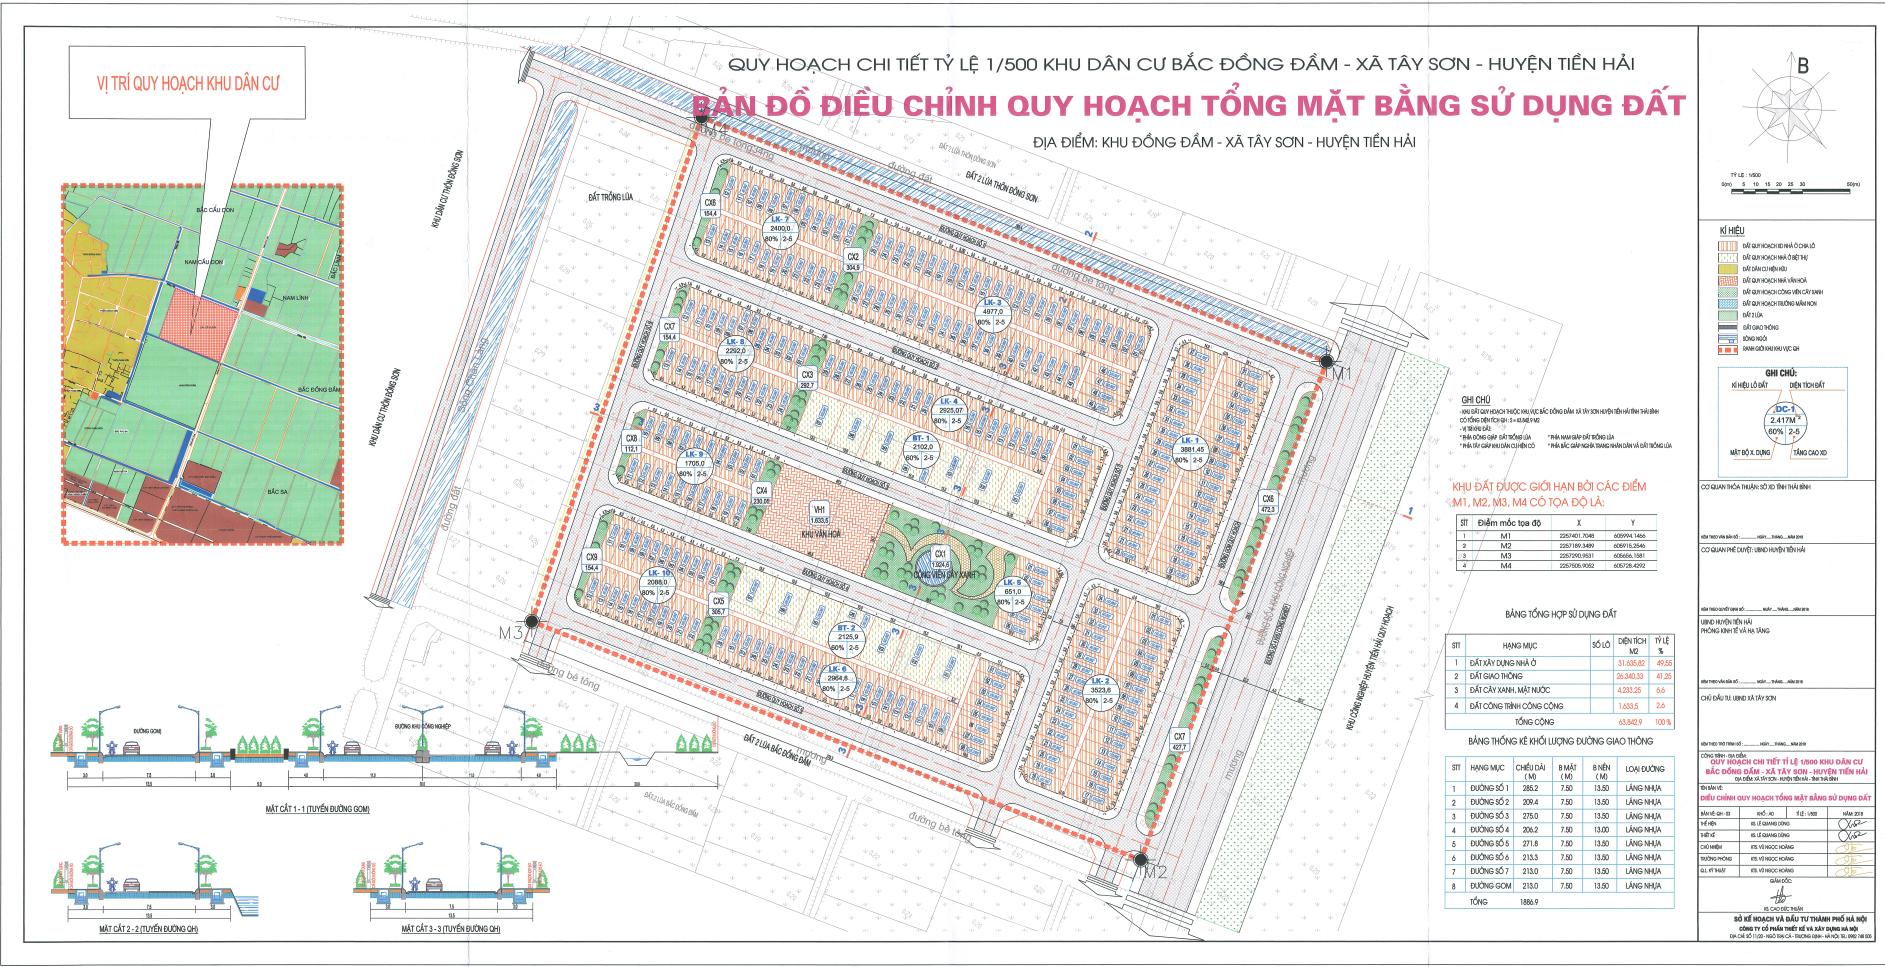 Phân lô dự án Khu dân cư Bắc Đồng đầm